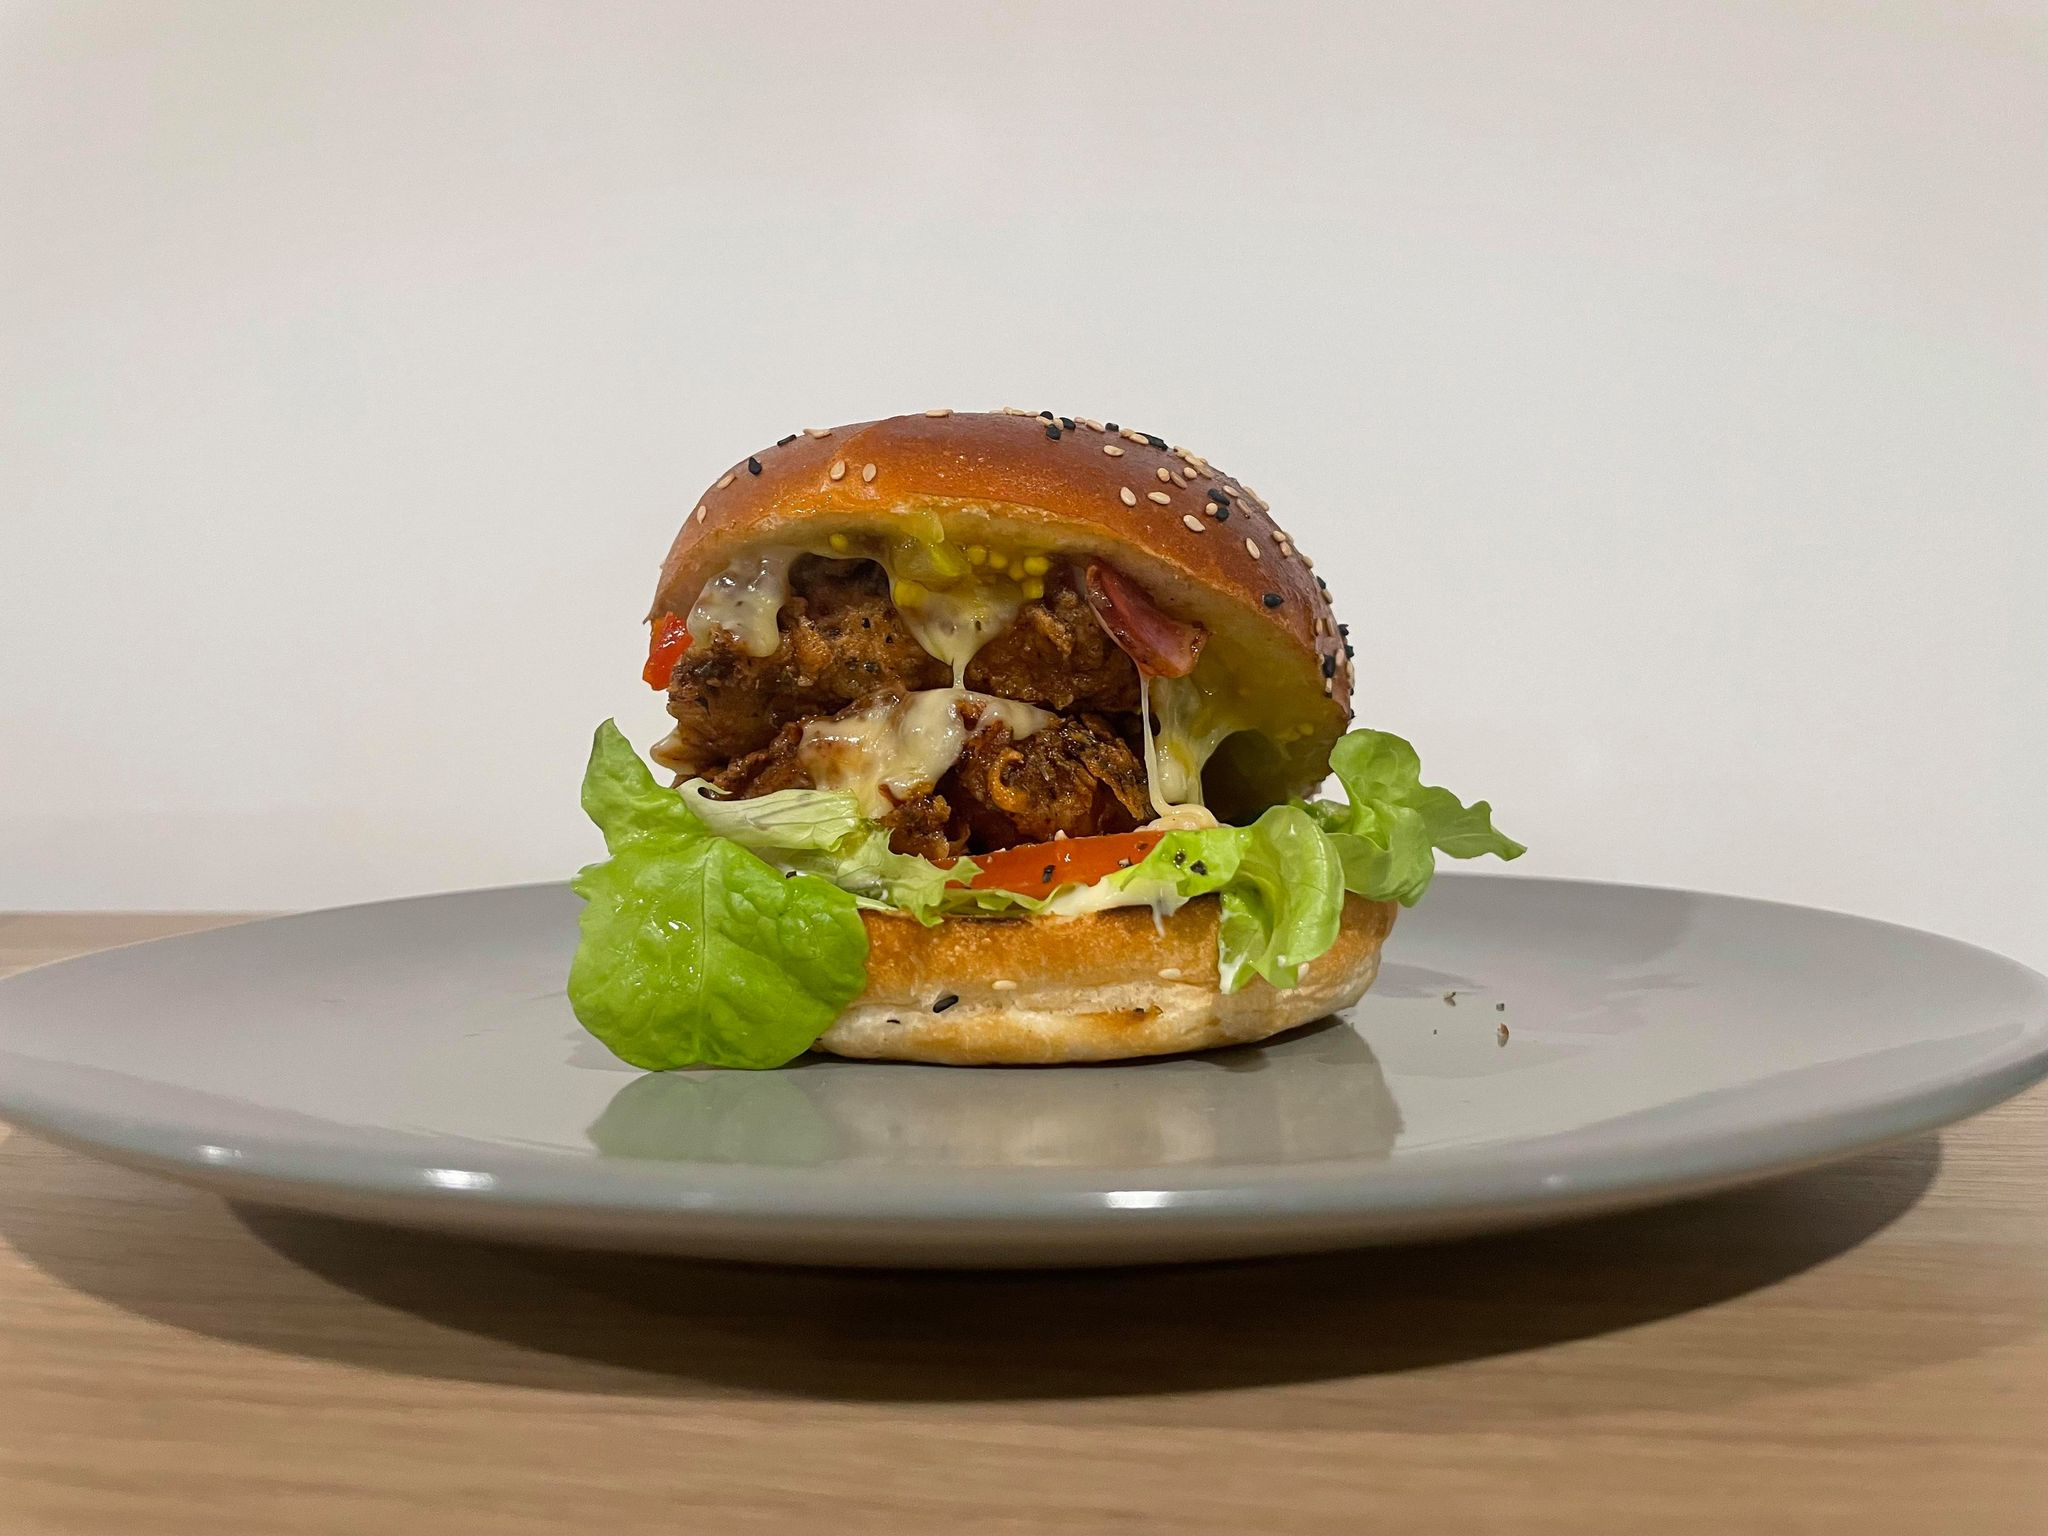 burger road best food delivery in melbourne hennifer lopez